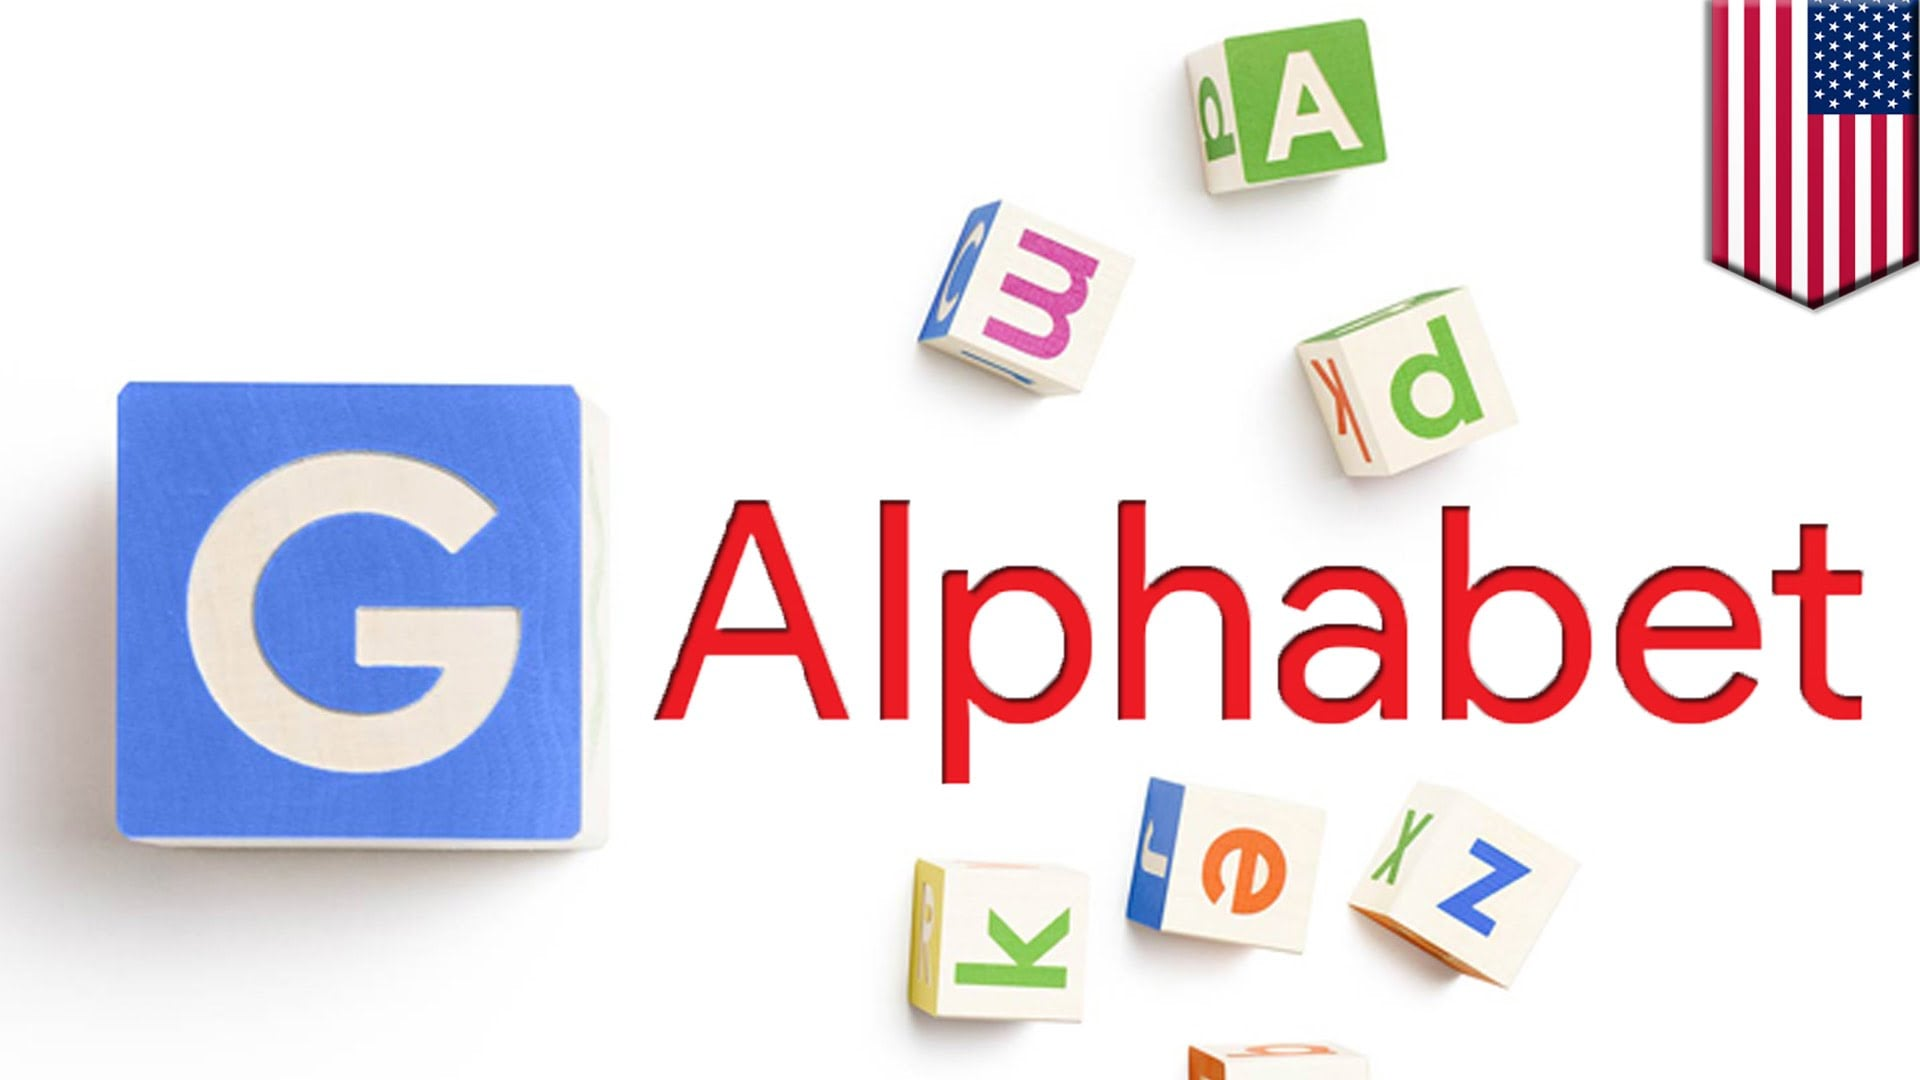 Tabletowo.pl Alphabet, firma, której podlega Google, zarabia w czwartym kwartale 2016 roku 5,3 miliardów dolarów Ciekawostki Google Raporty/Statystyki